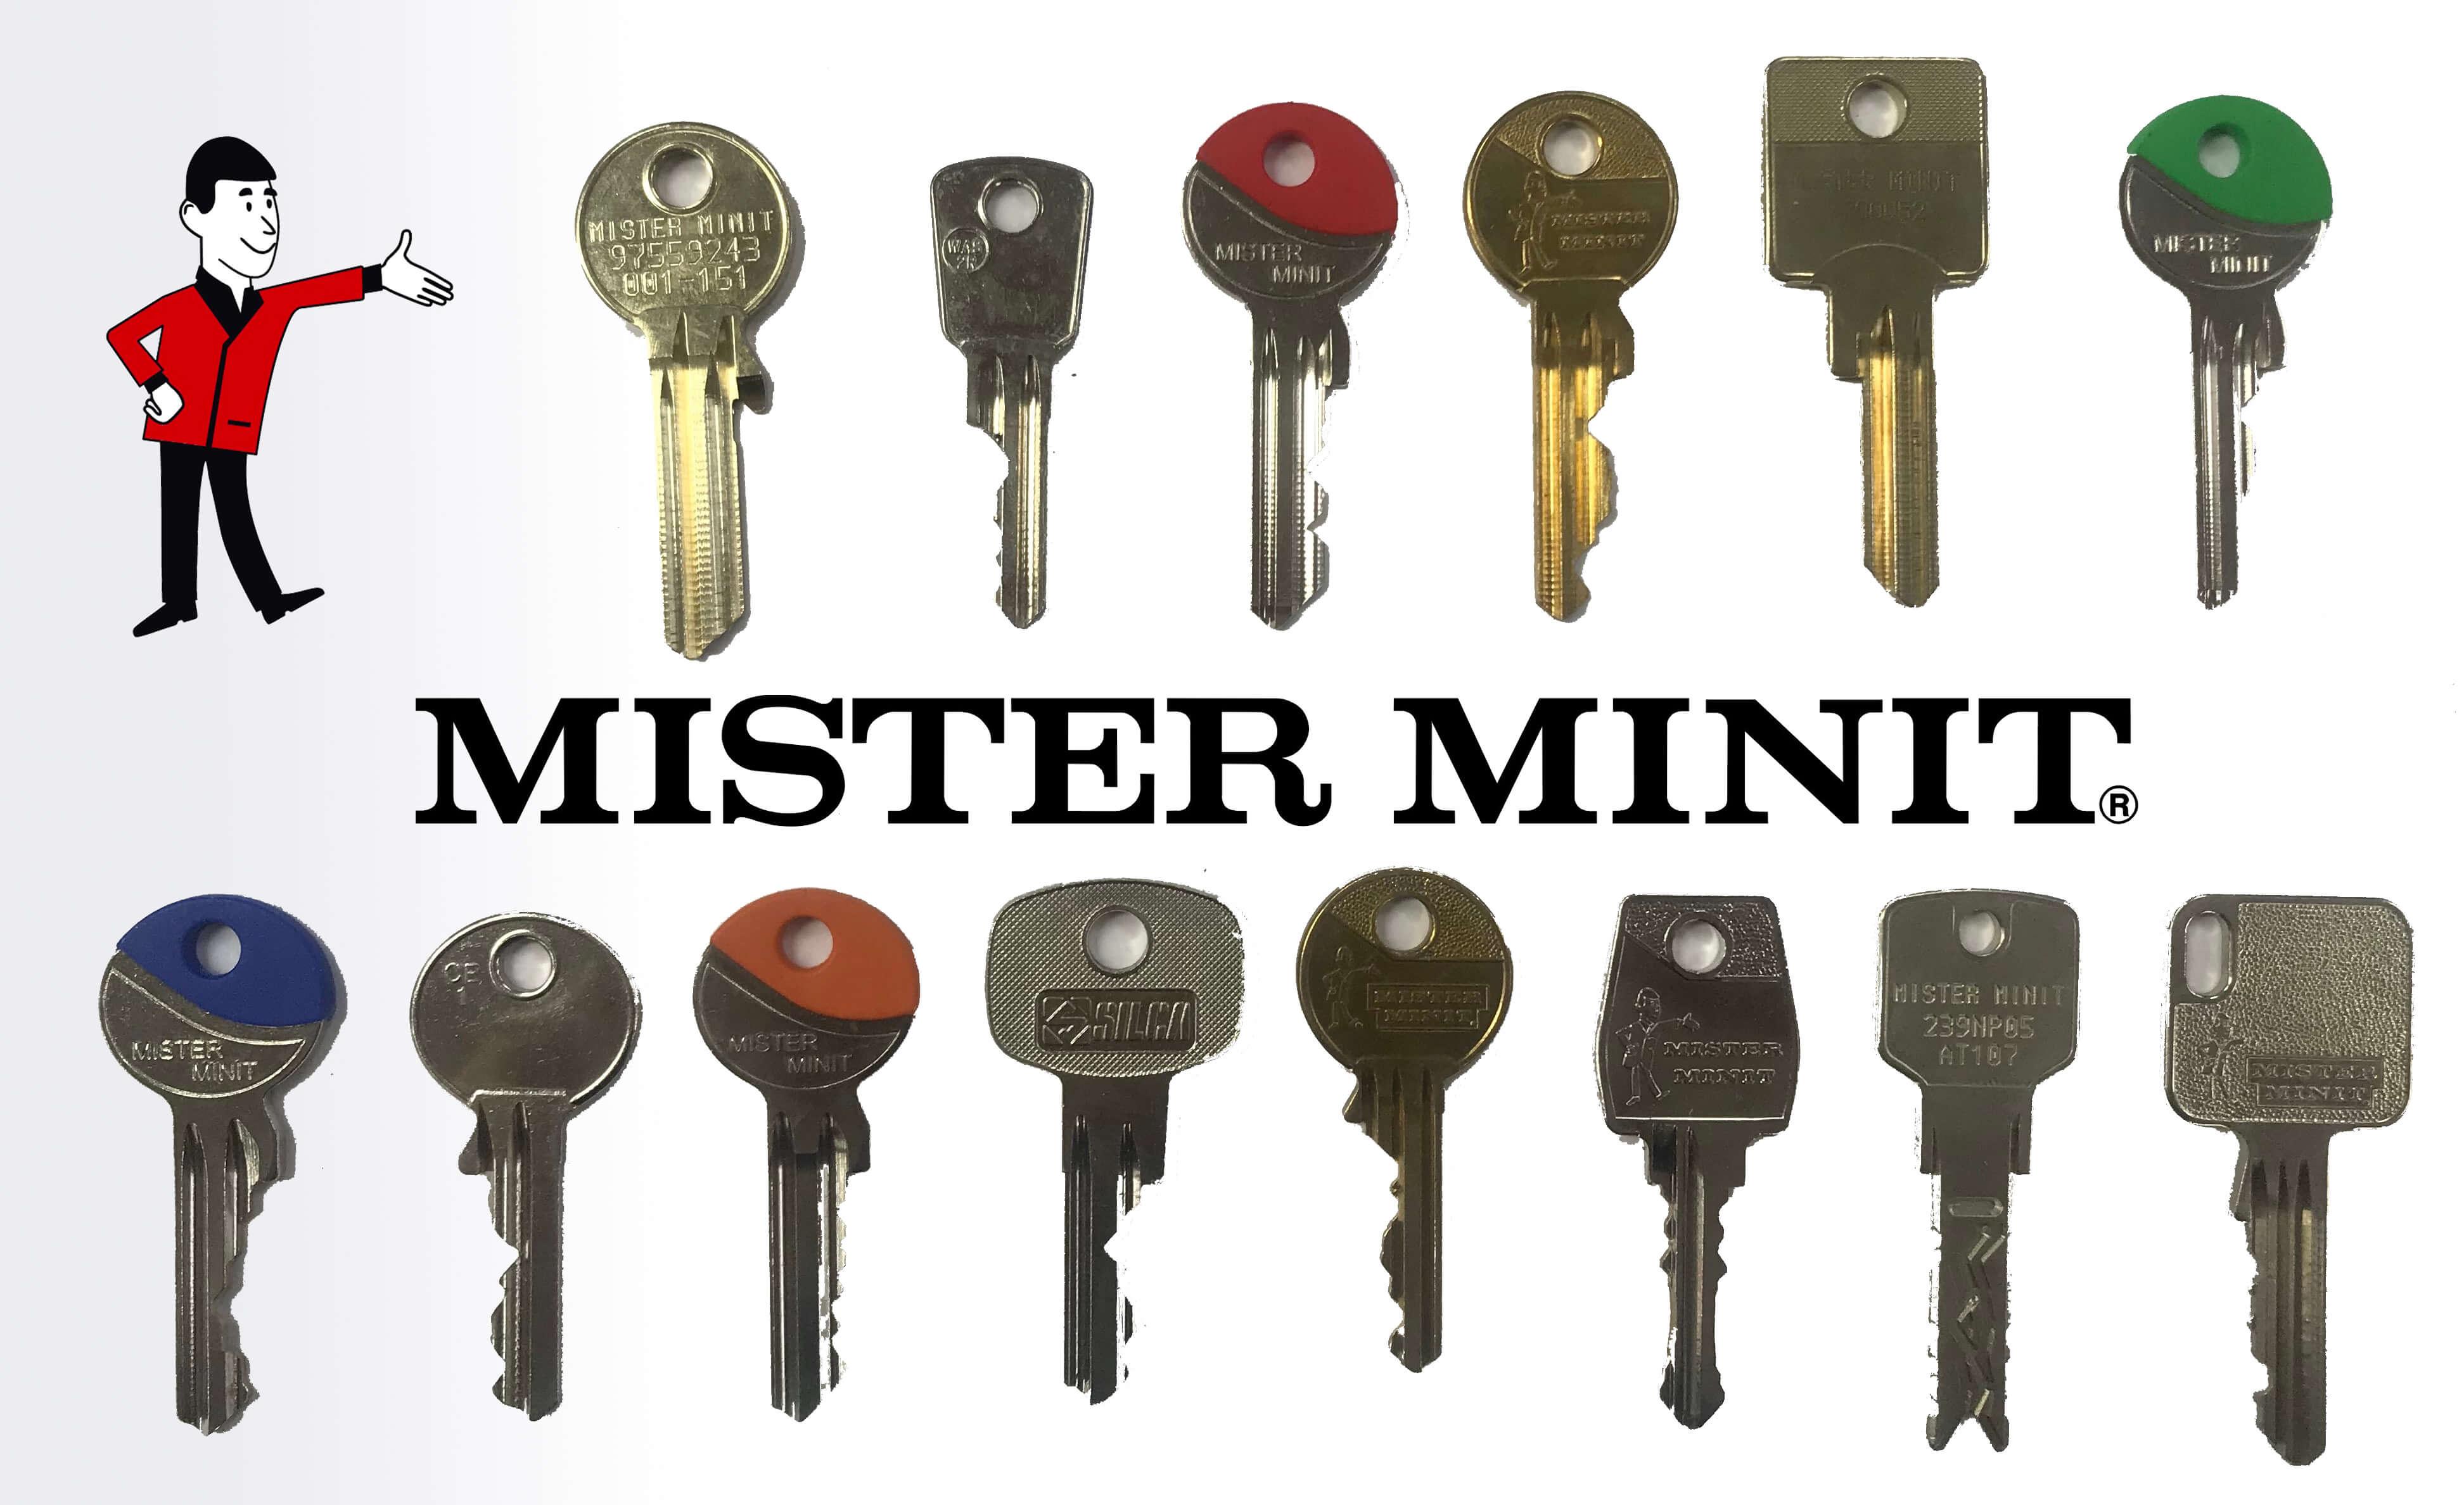 Bekannt Schlüssel nachmachen lassen – was wird dafür benötigt? - MISTER MINIT RF33